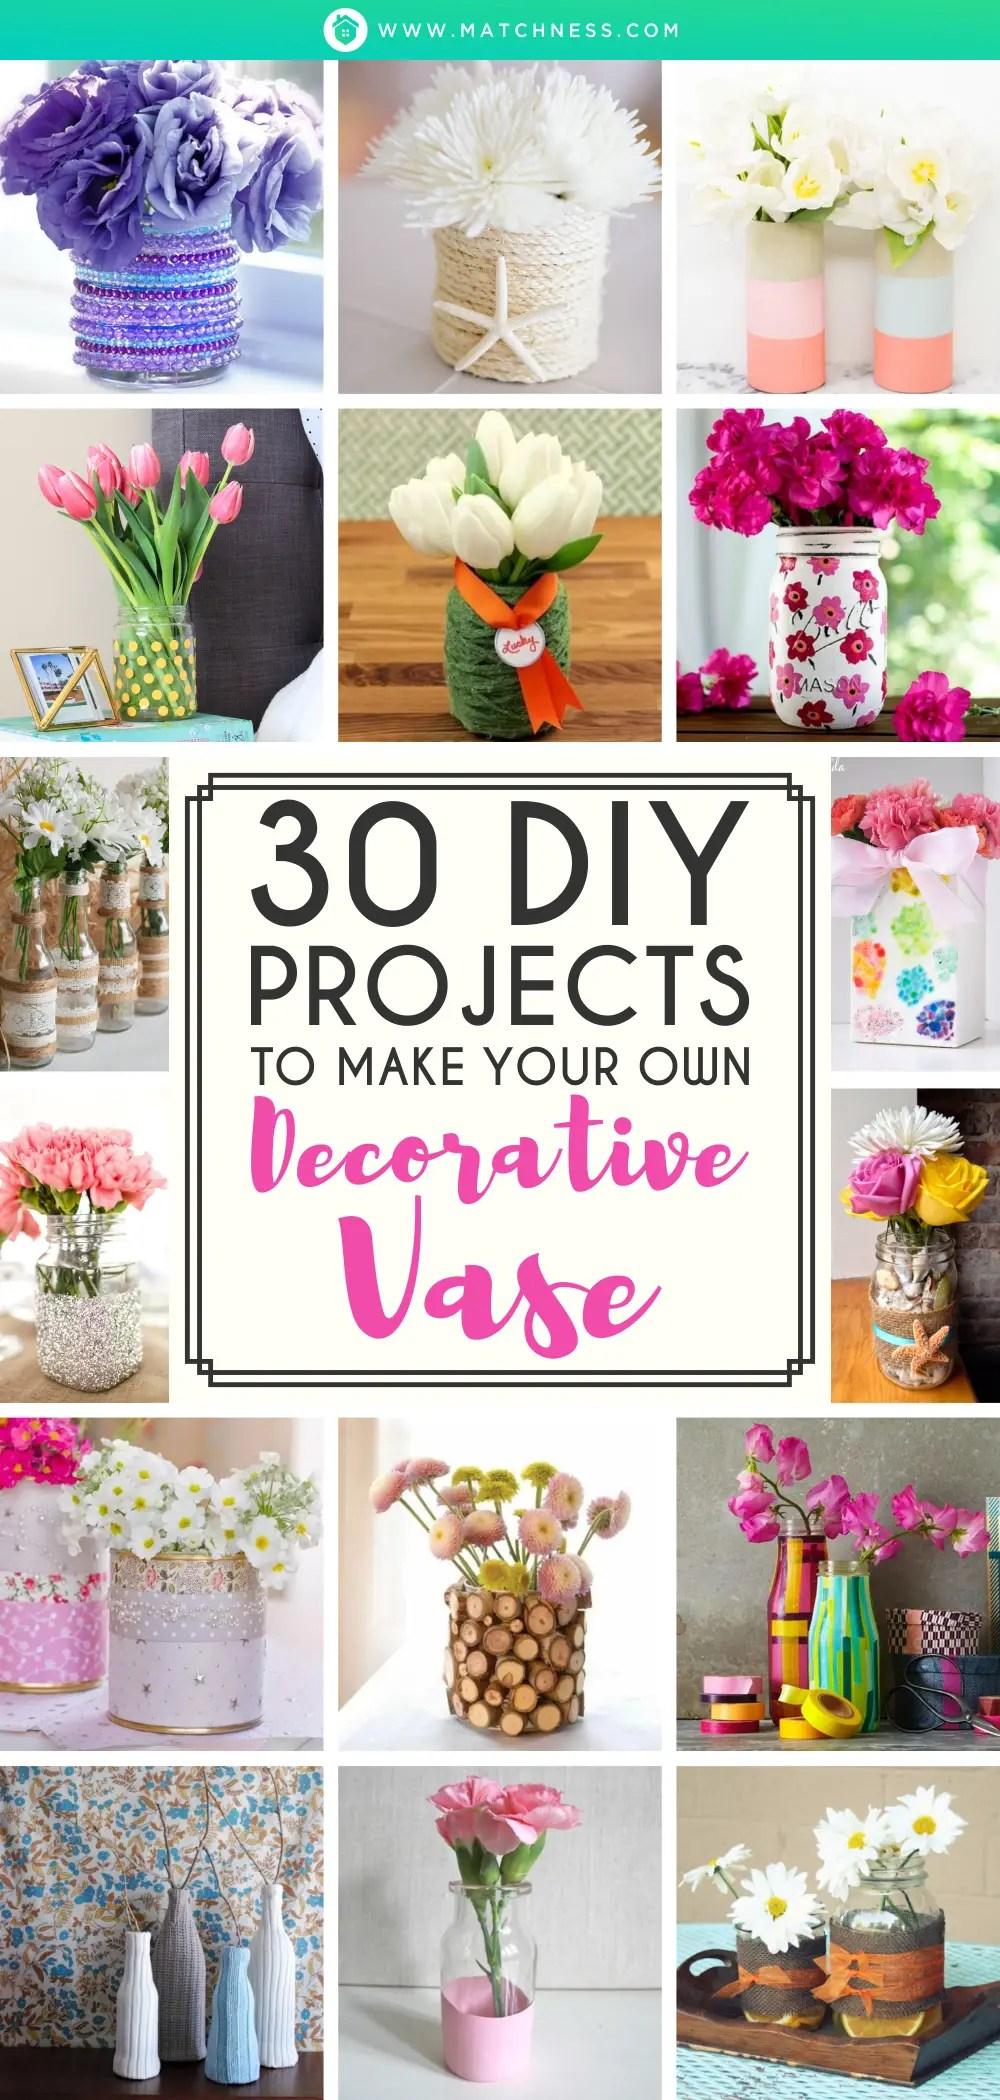 30-progetti-fai-da-te-per-fare-il-tuo-vaso-decorativo1